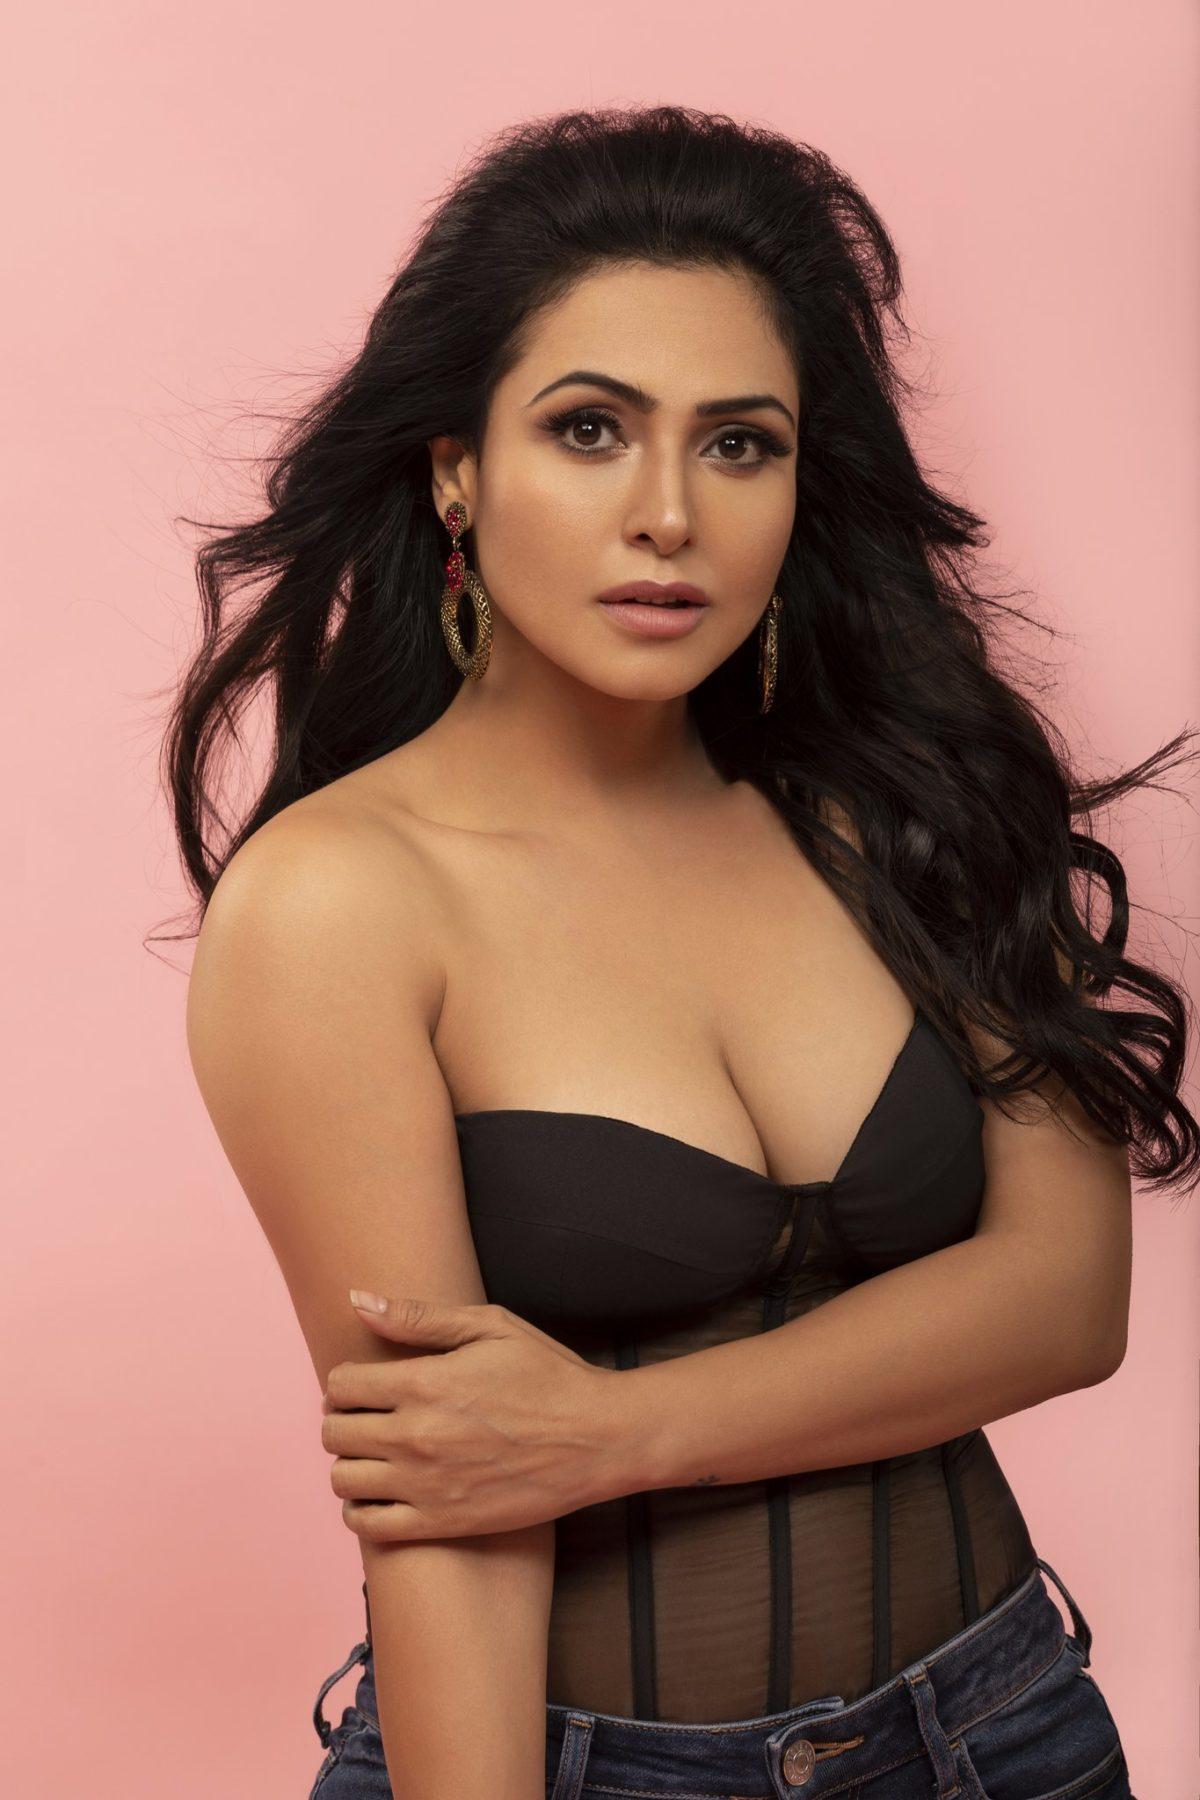 Nandini Rai's Flawless Figure Steamed Up The Cyberspace